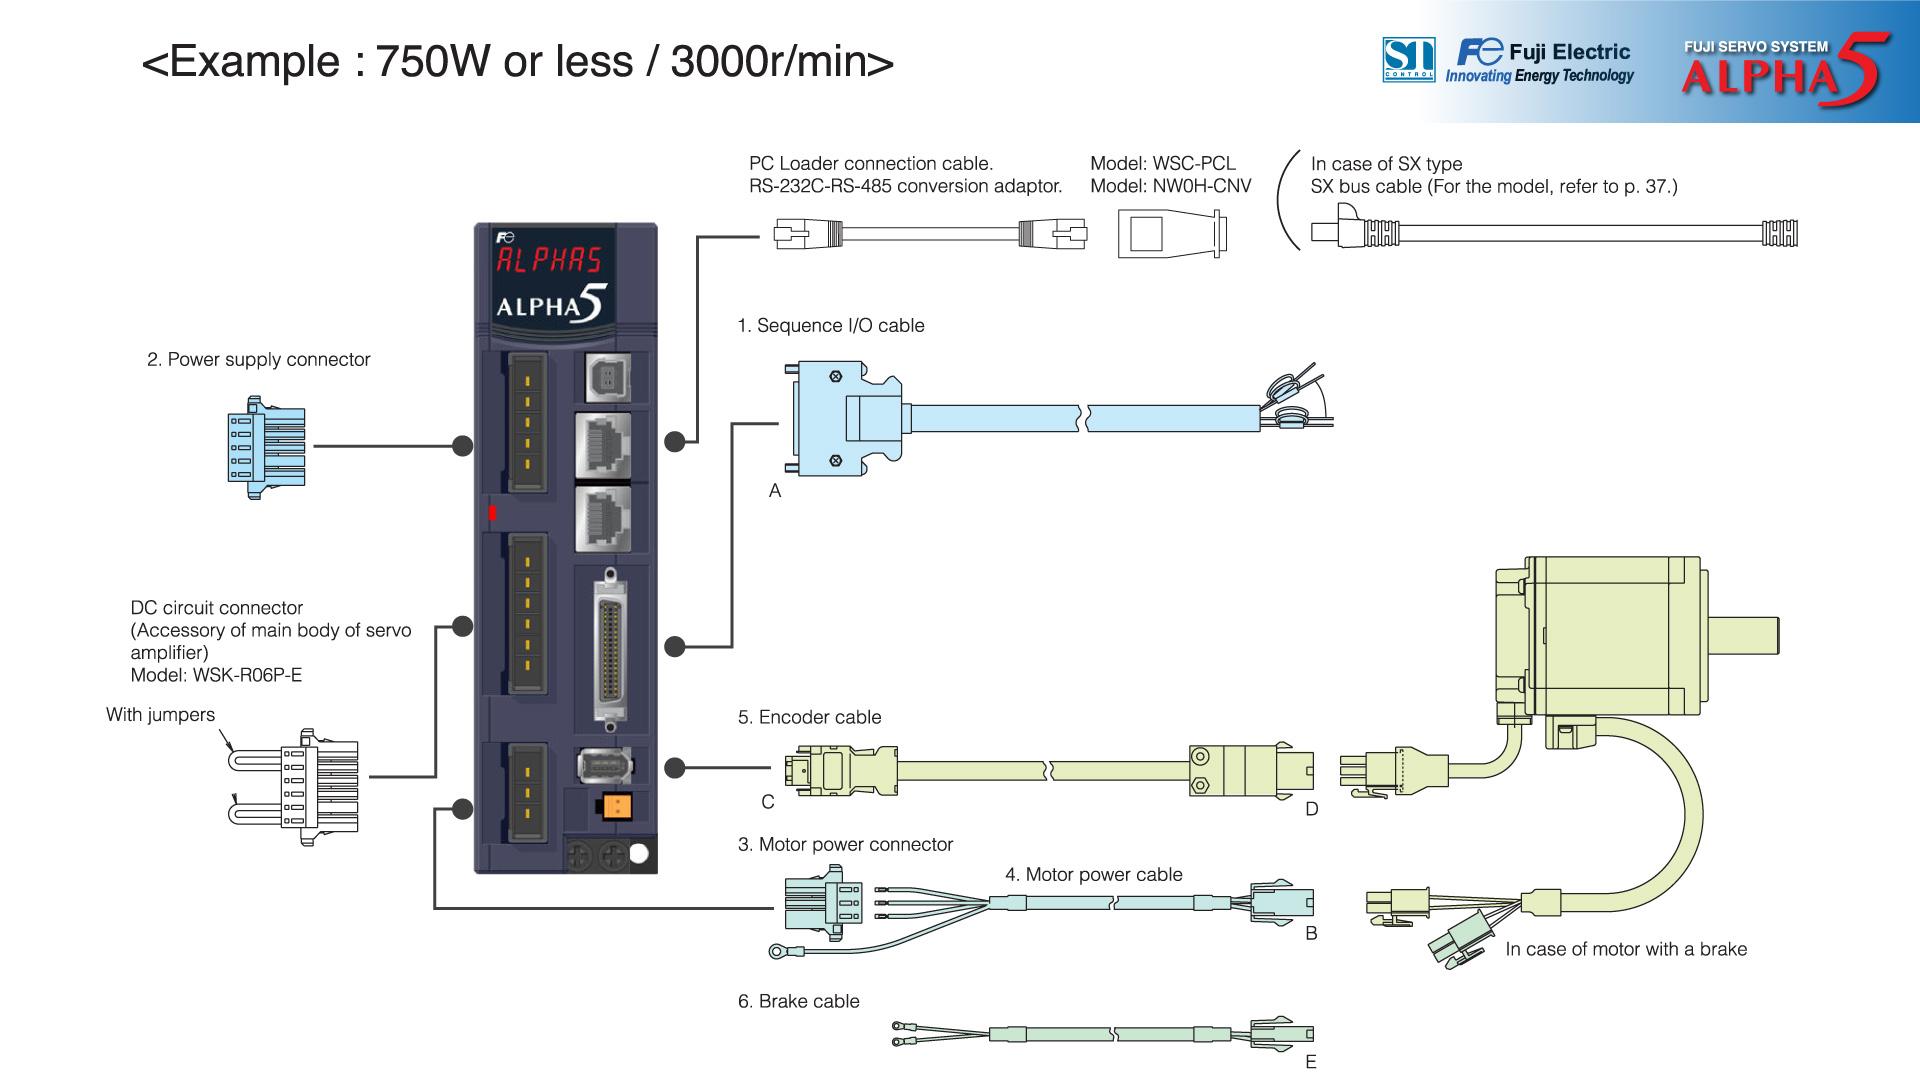 Fuji Electric Servo Systeme Alpha5 Config